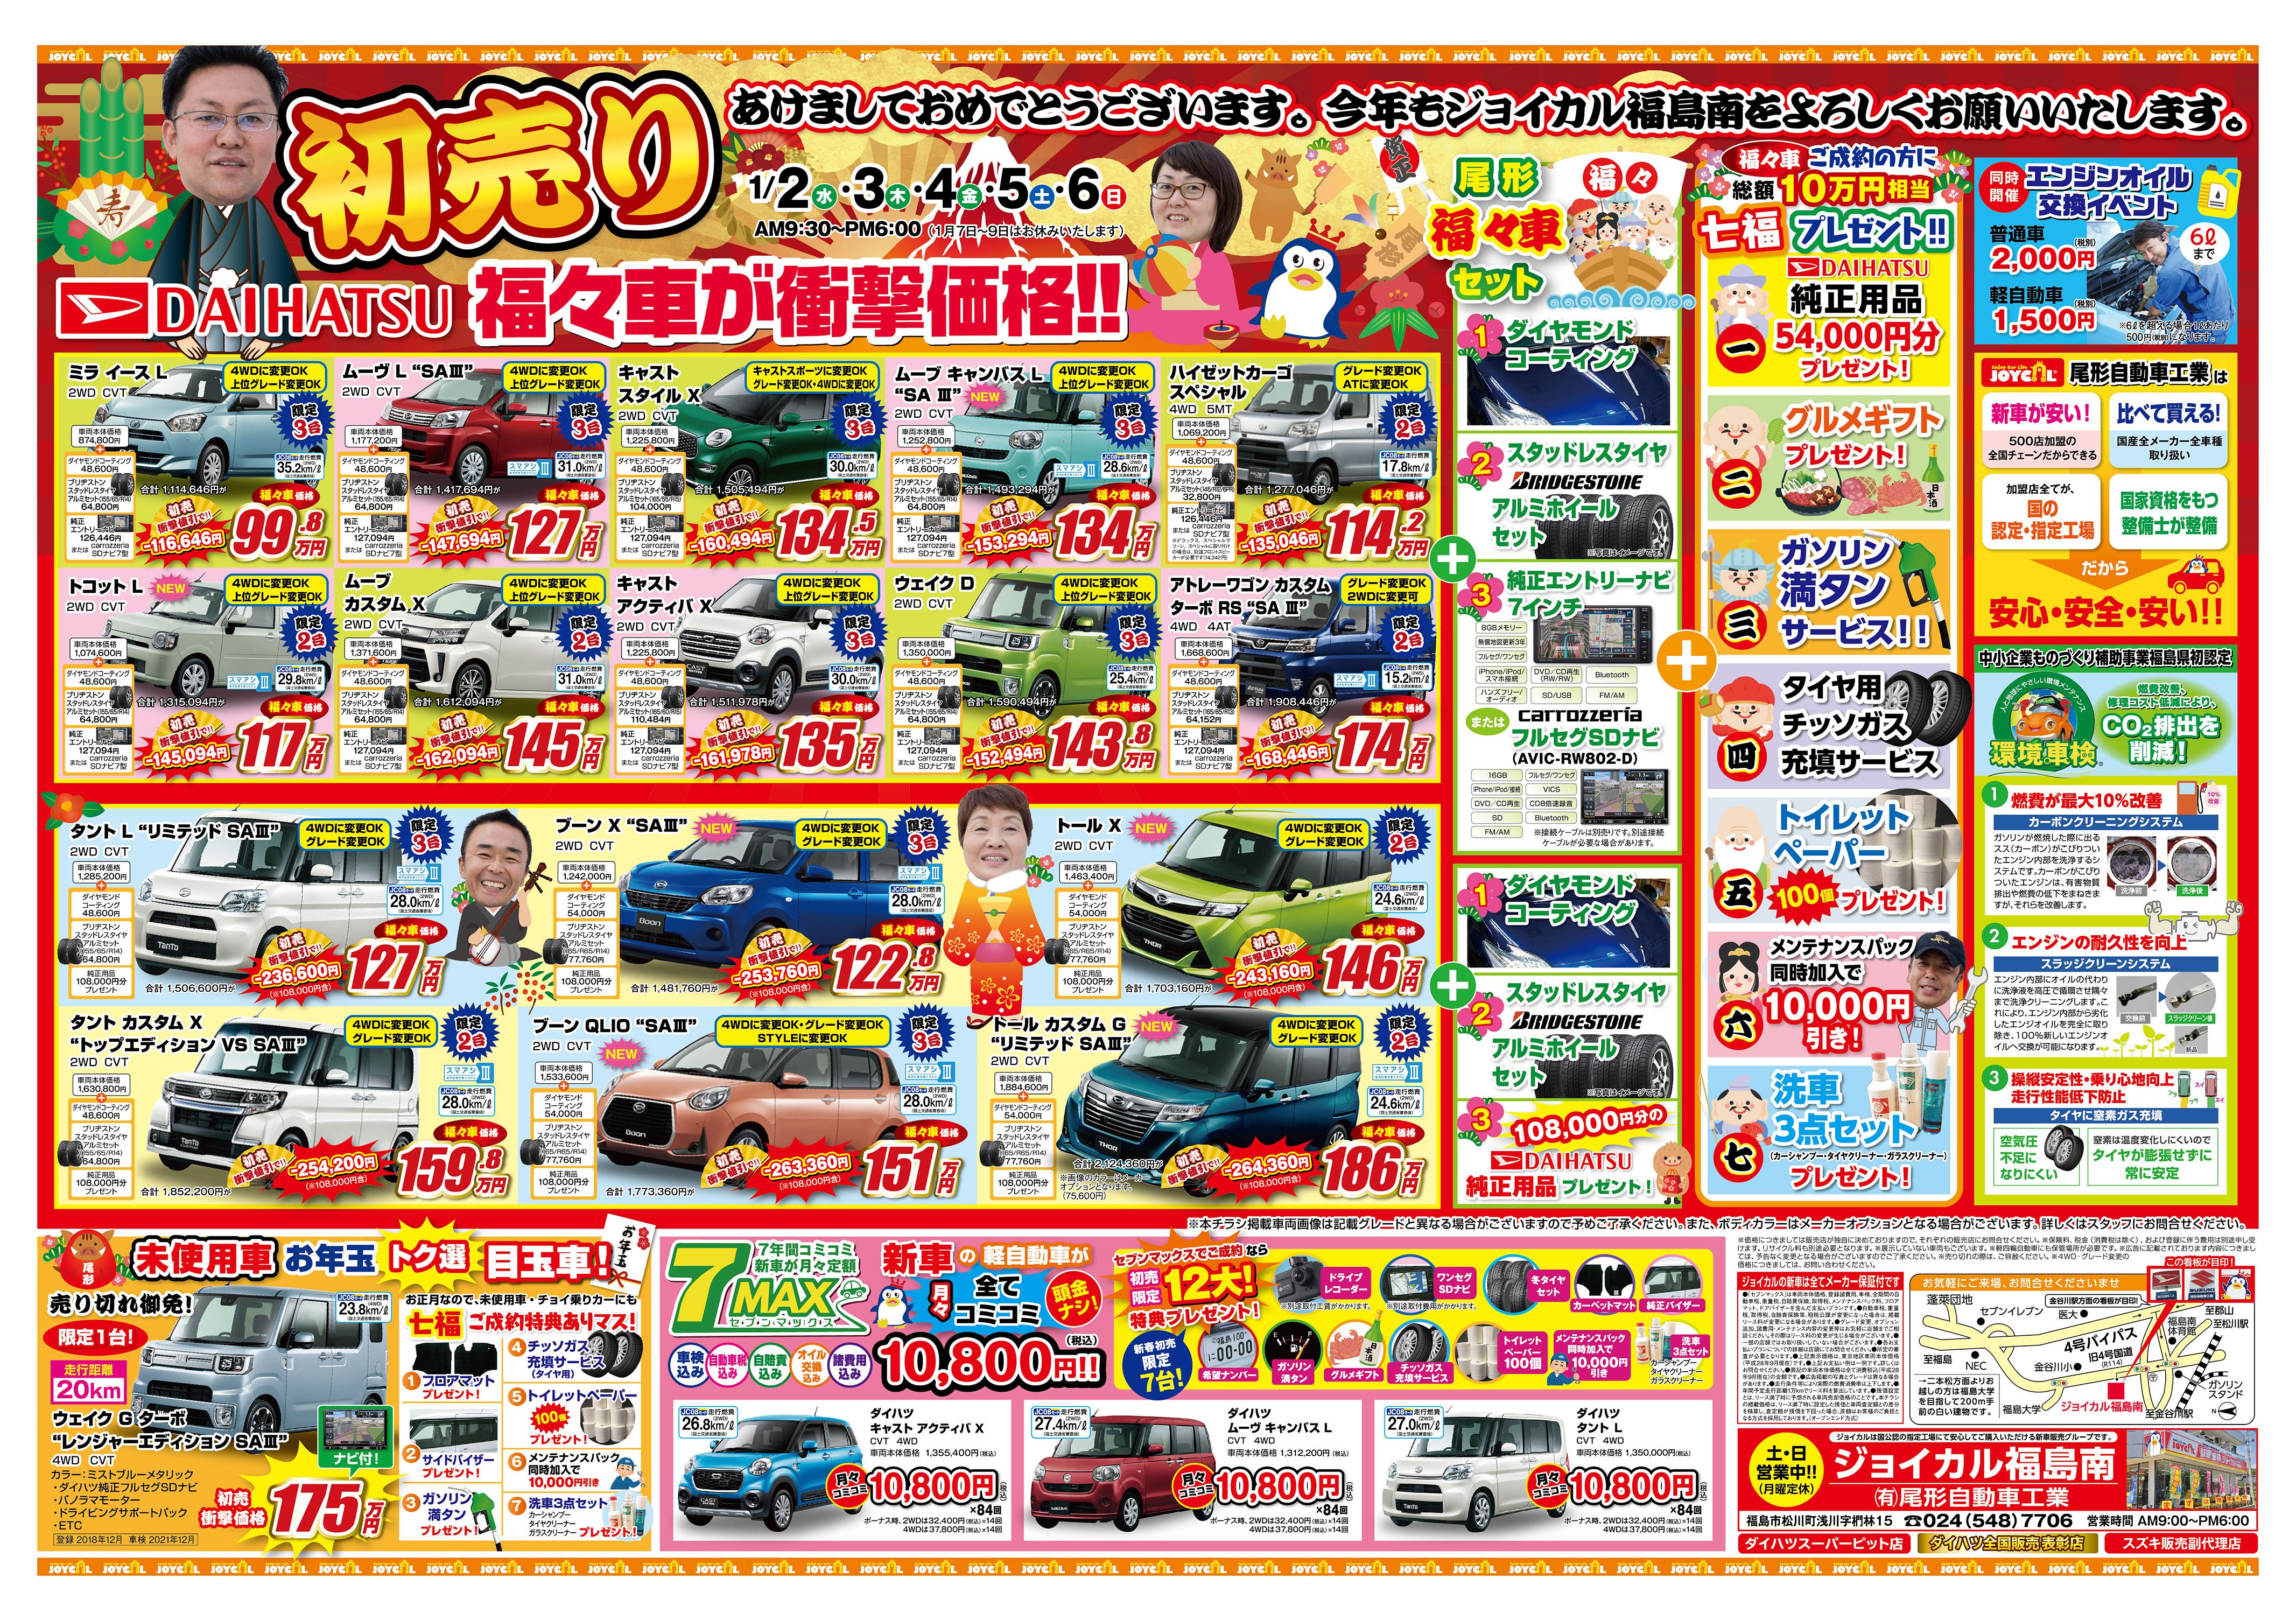 初売り1/2・3・4・5・6 福々車が衝撃価格!! 有限会社尾形自動車工業